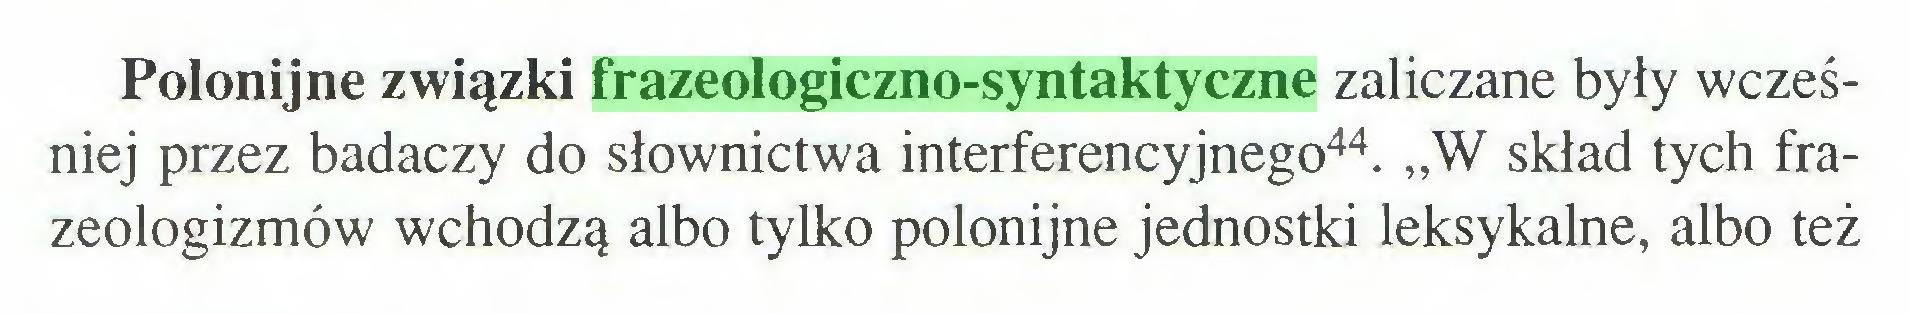 """(...) Polonijne związki frazeologiczno-syntaktyczne zaliczane były wcześniej przez badaczy do słownictwa interferencyjnego44. """"W skład tych frazeologizmów wchodzą albo tylko polonijne jednostki leksykalne, albo też..."""